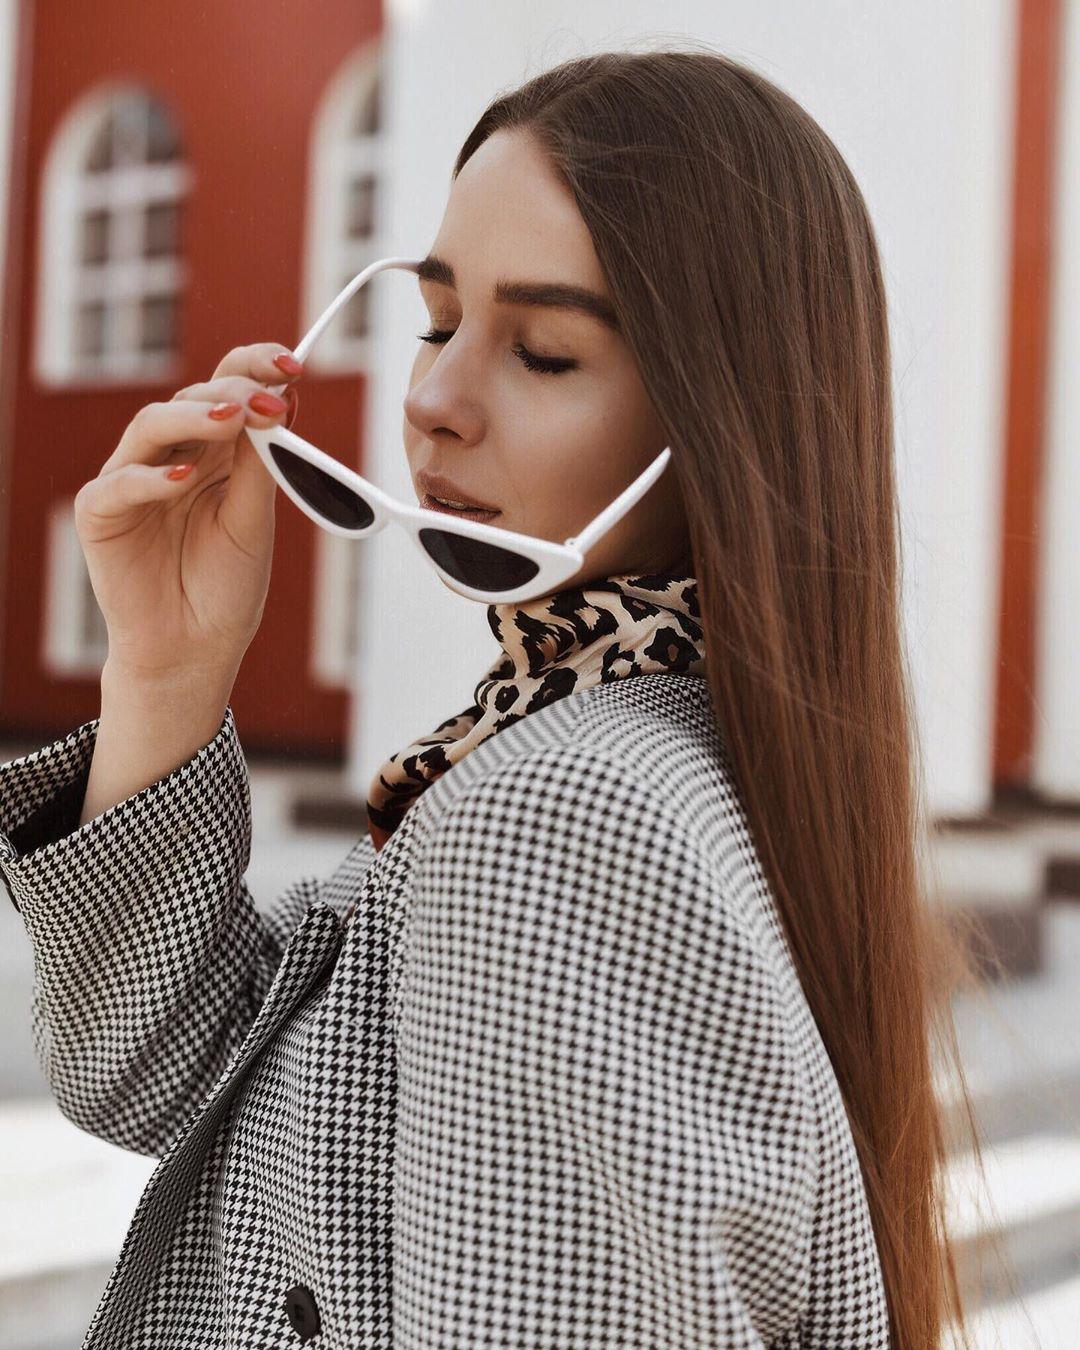 Ломкость, сечение, сухость волос — главная причина расстройств многих девушек. ⠀ Прив...